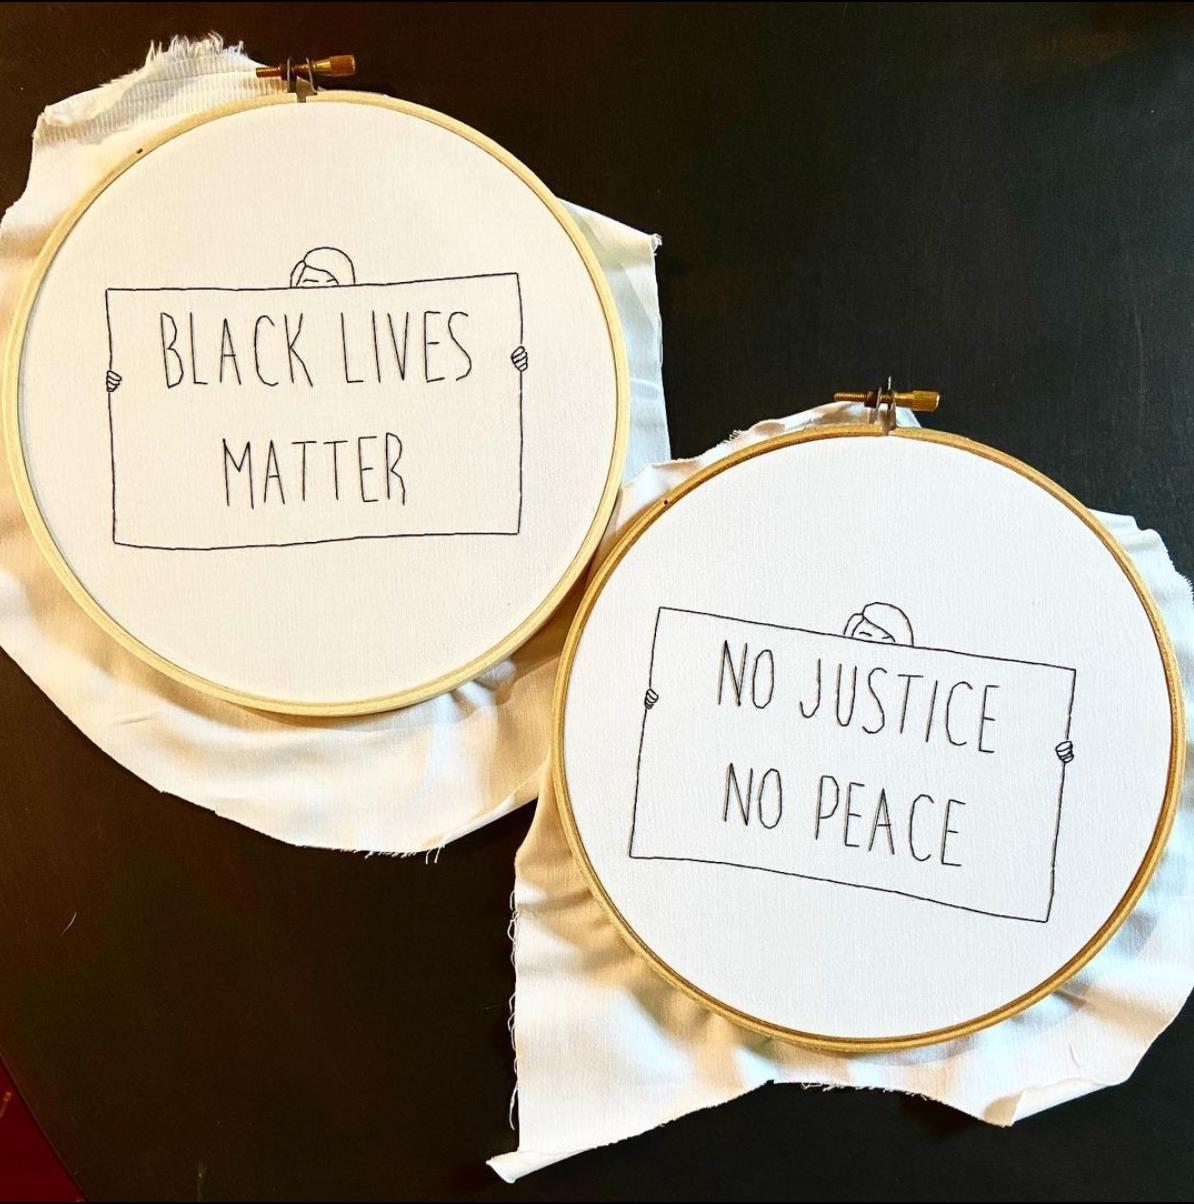 Craftivism 101 with Badass Cross Stitch - Black Lives Matter